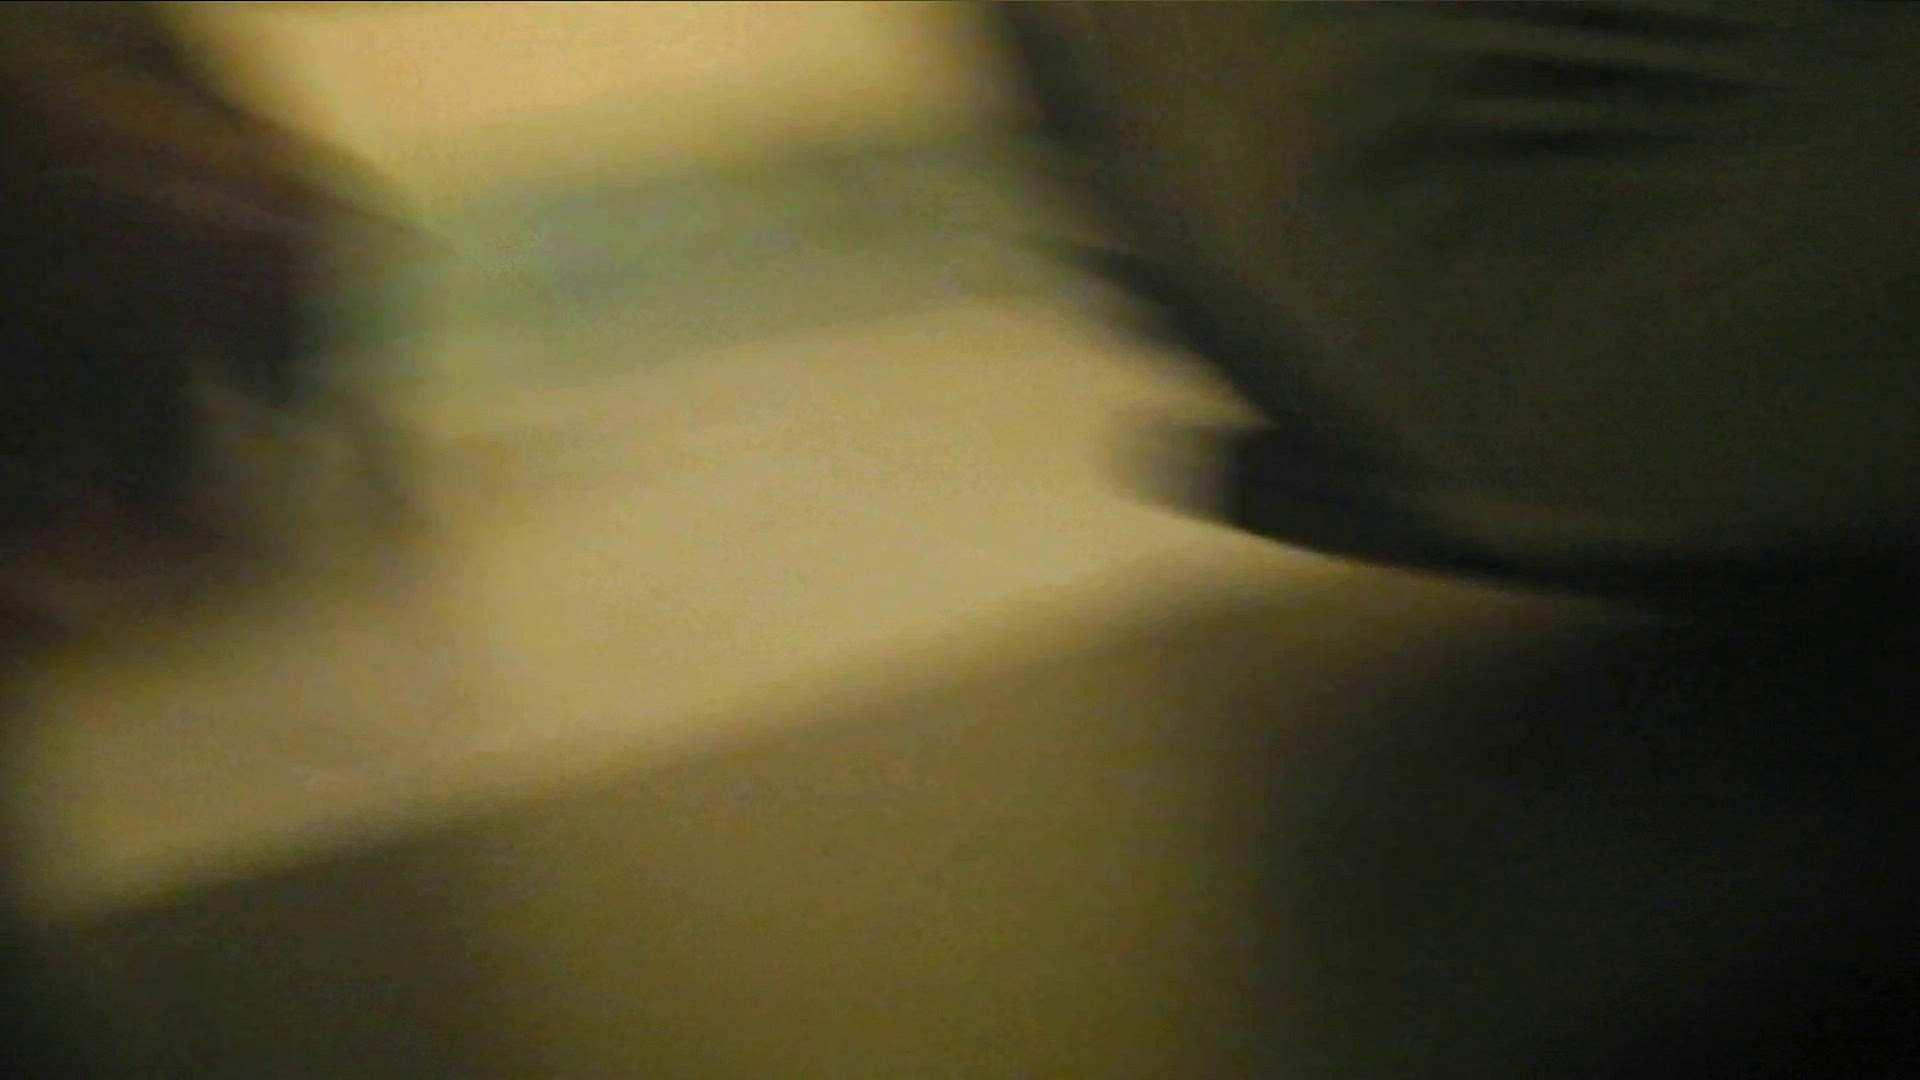 阿国ちゃんの「和式洋式七変化」No.10 お姉さん攻略 おめこ無修正動画無料 66画像 51